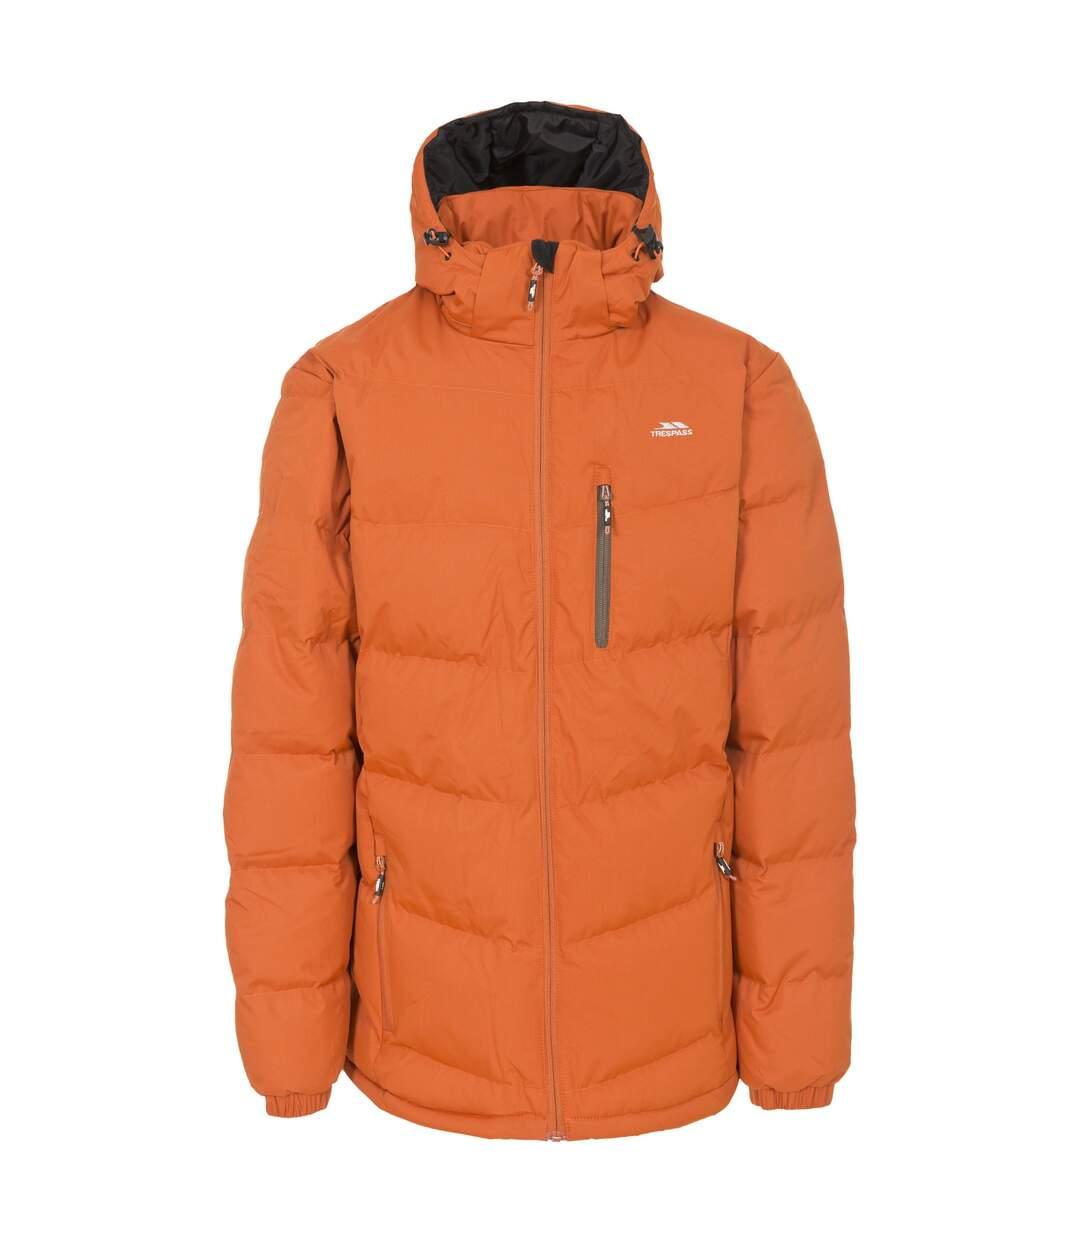 Trespass Mens Blustery Padded Jacket (Burnt Orange) - UTTP1141